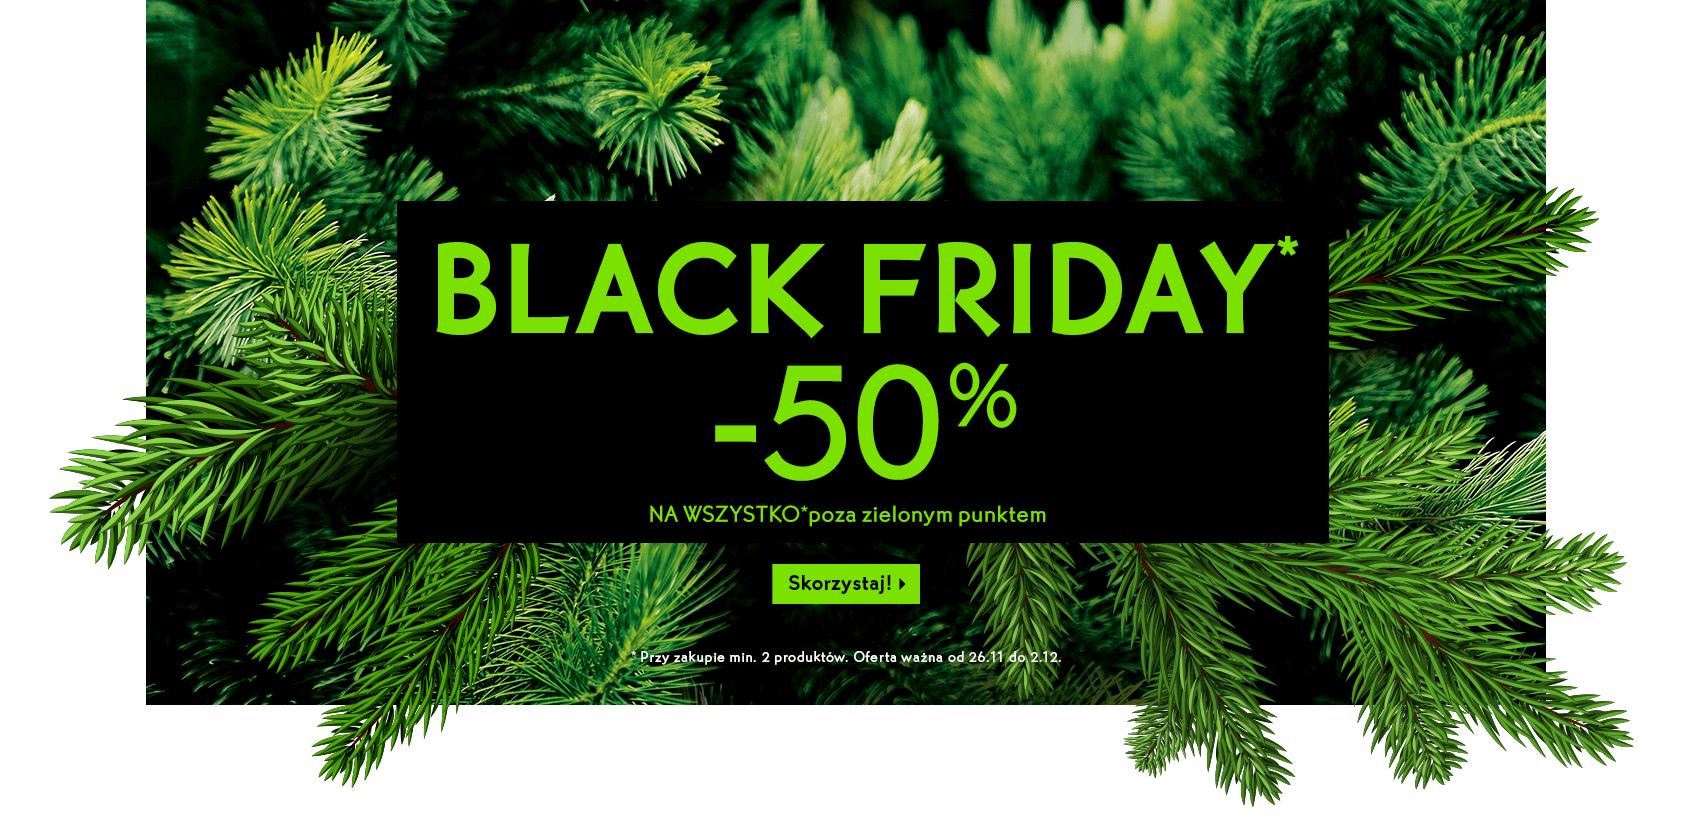 Black Friday w Yves Rocher -50% na min. 2 kosmetyki (prócz tych oznaczonych zielonym punktem)